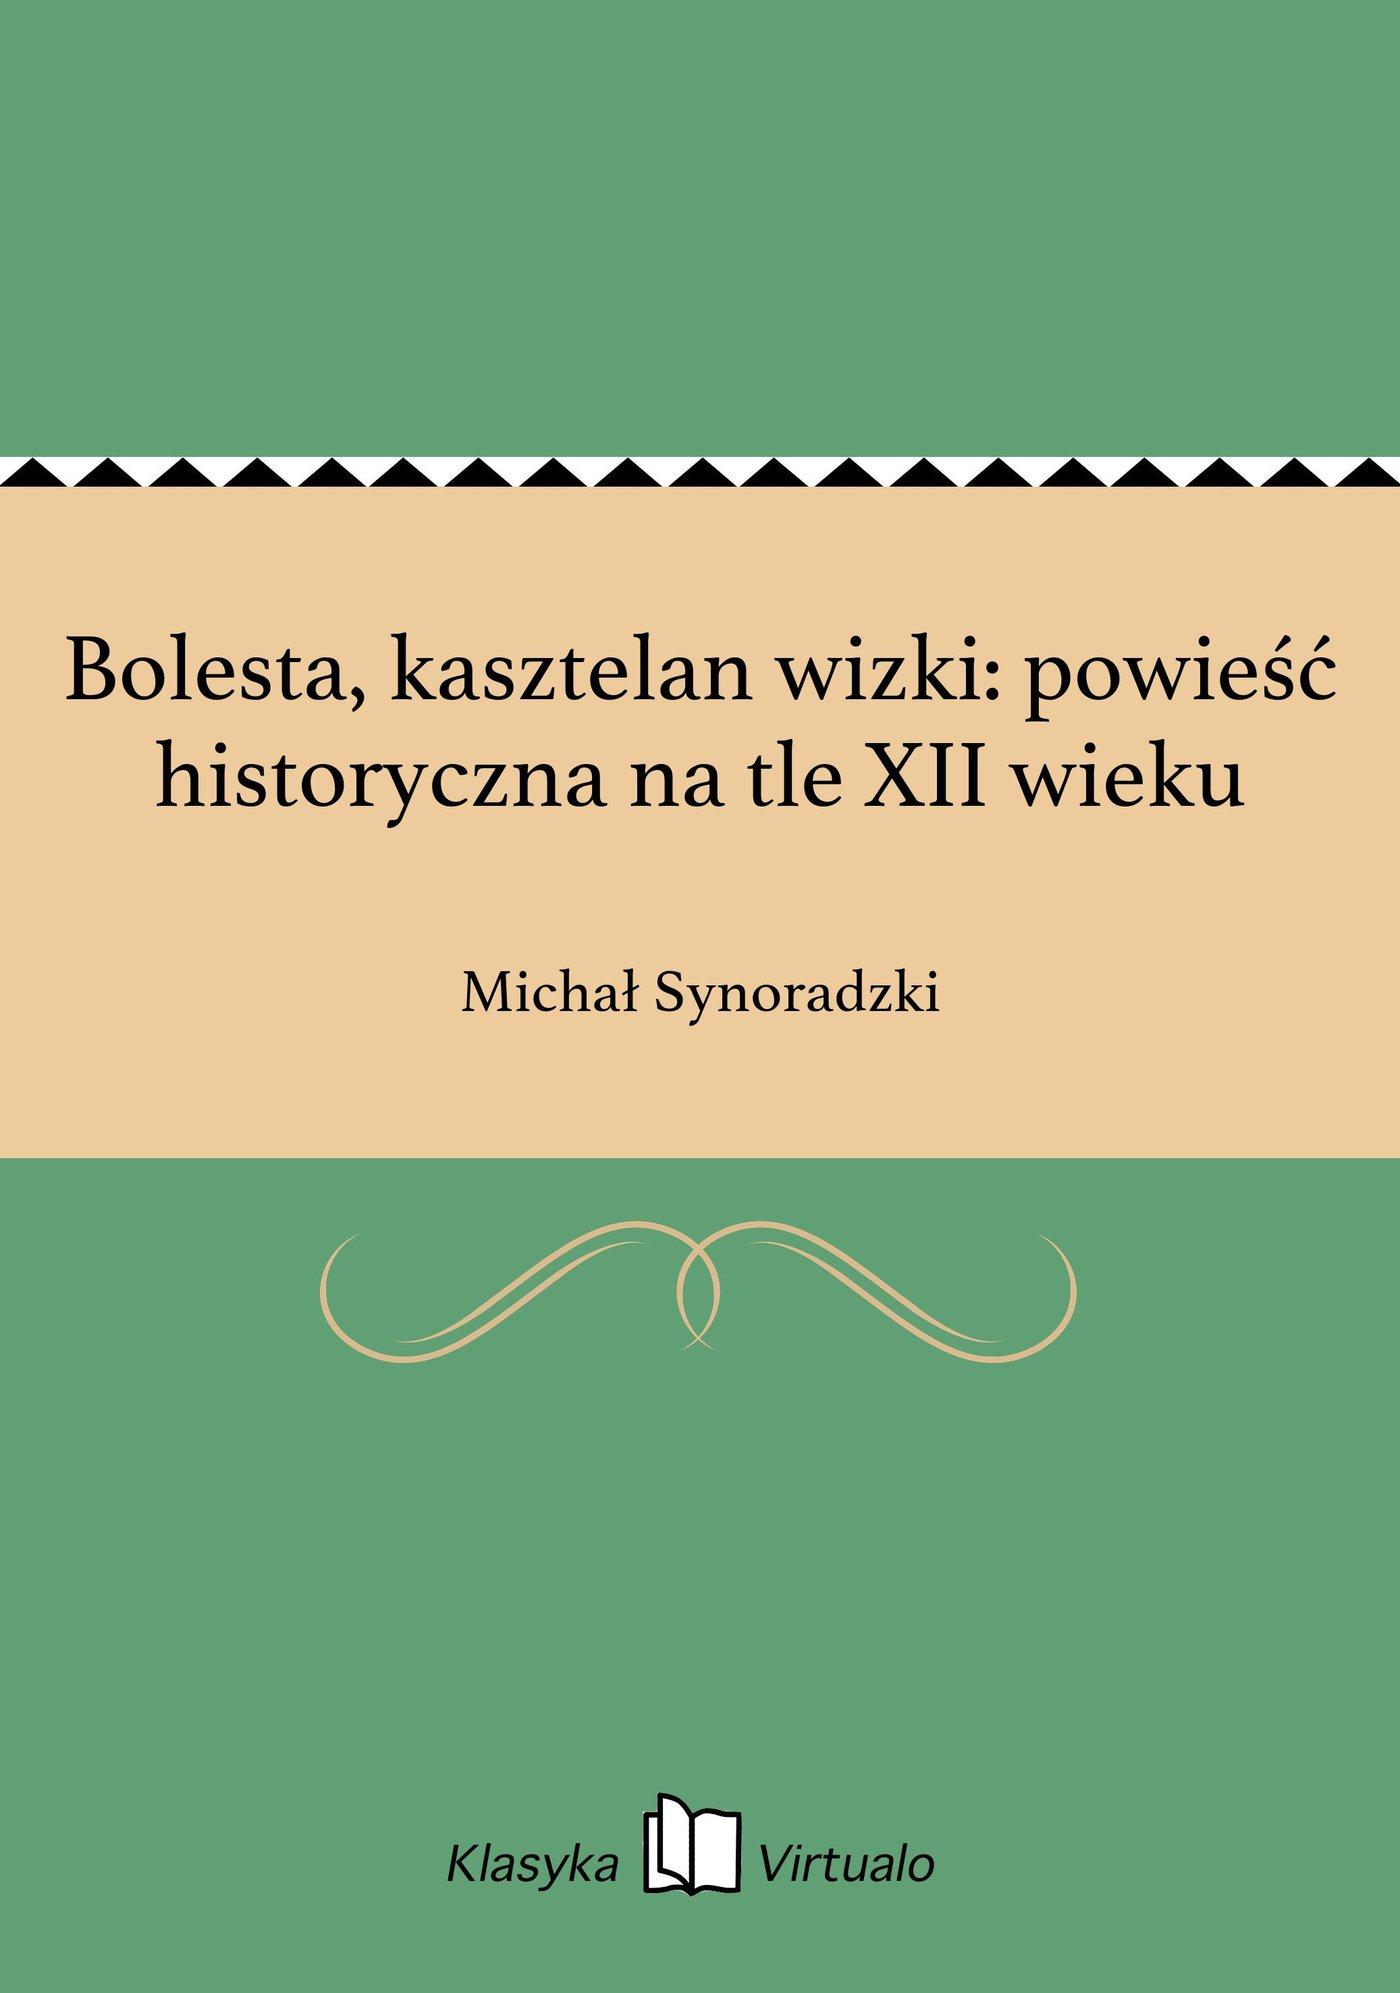 Bolesta, kasztelan wizki: powieść historyczna na tle XII wieku - Ebook (Książka EPUB) do pobrania w formacie EPUB